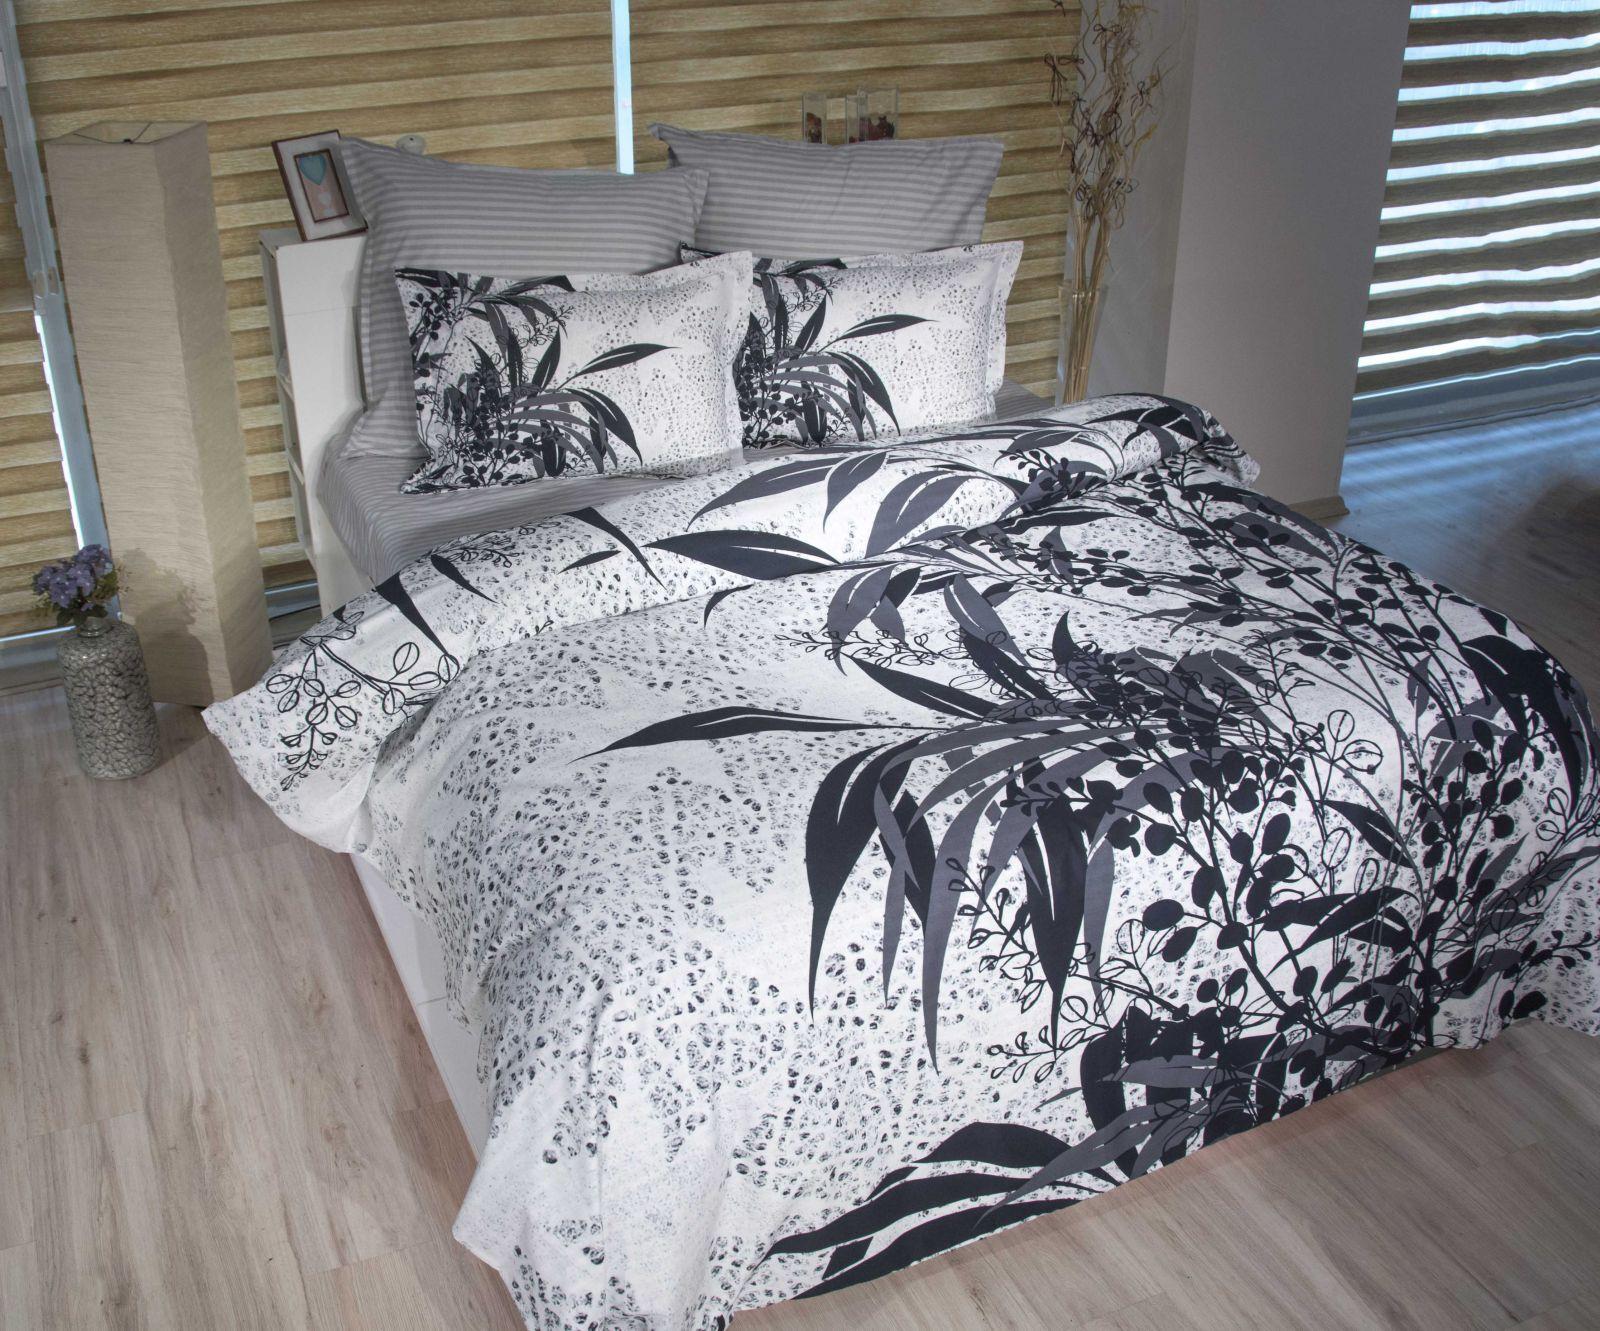 Bettwäsche 3D 220x240 cm Bettgarnitur Bettbezug 100% Baumwolle Kissen 6 tlg AKWE